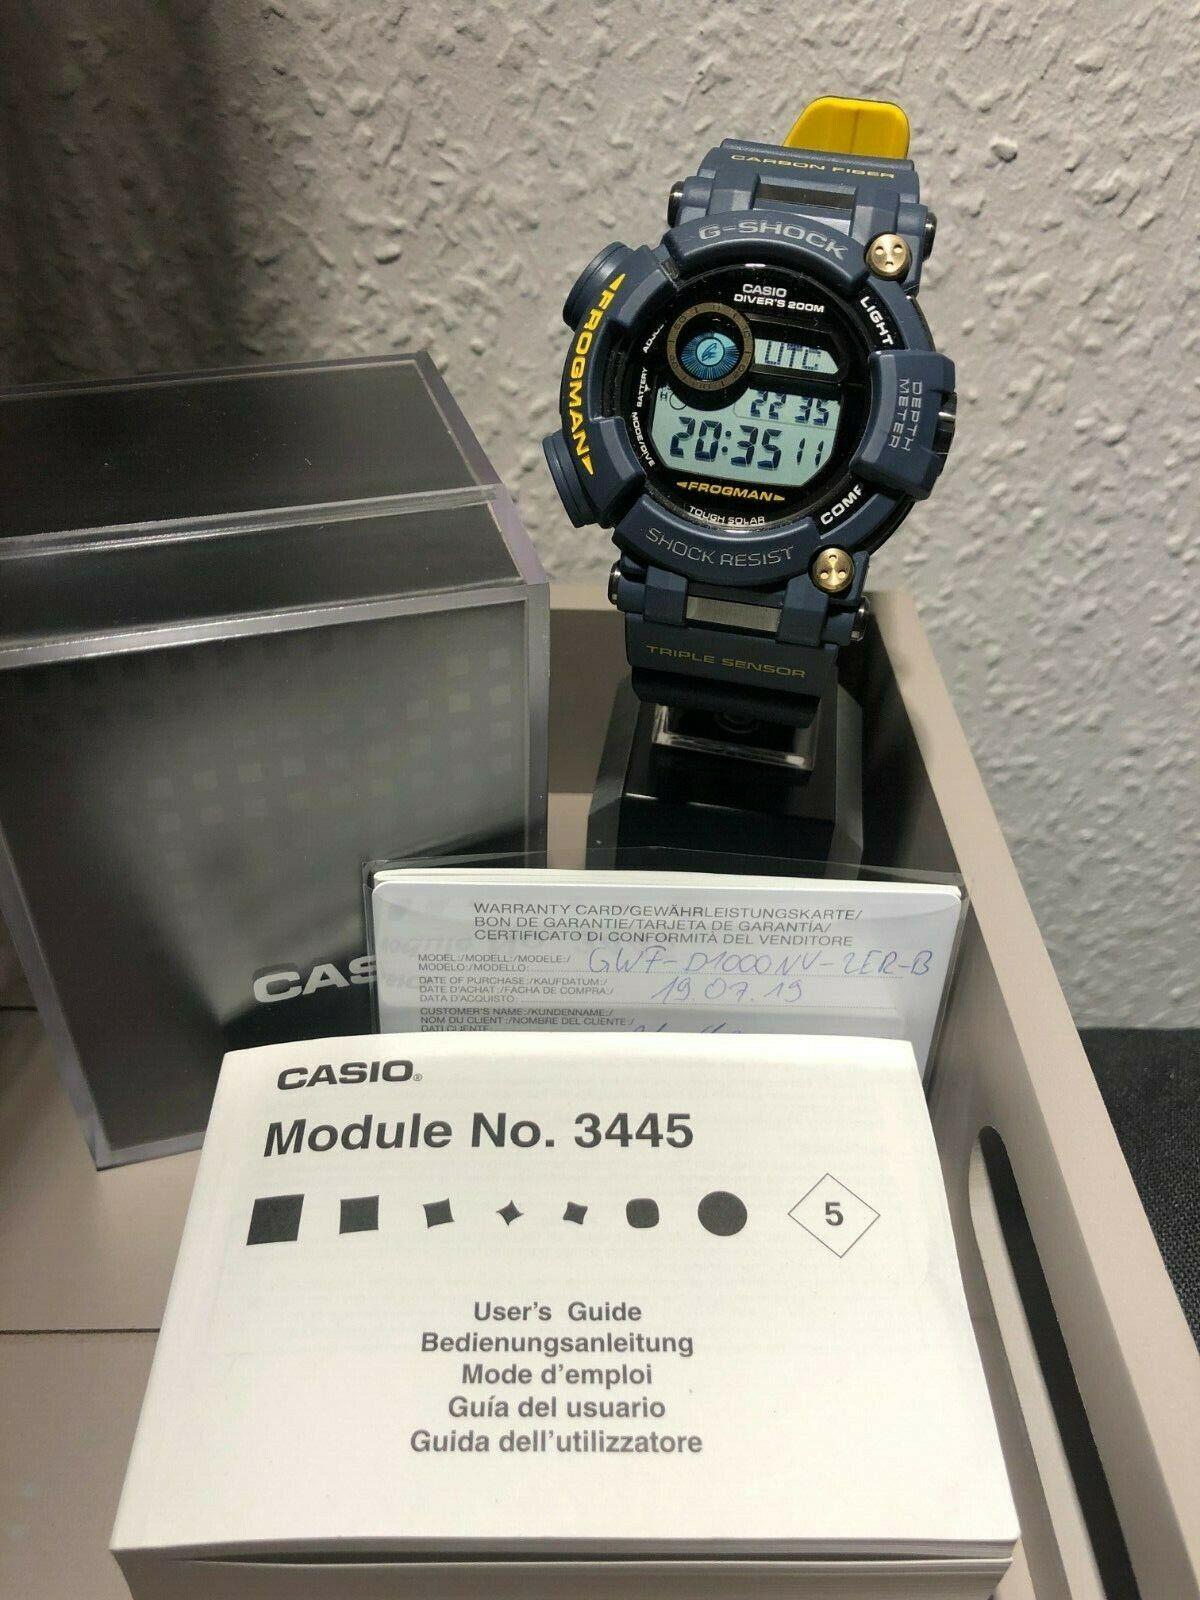 Casio G-Shock GWF-D1000NV-2ER-B neu selten und rar Modul 3445